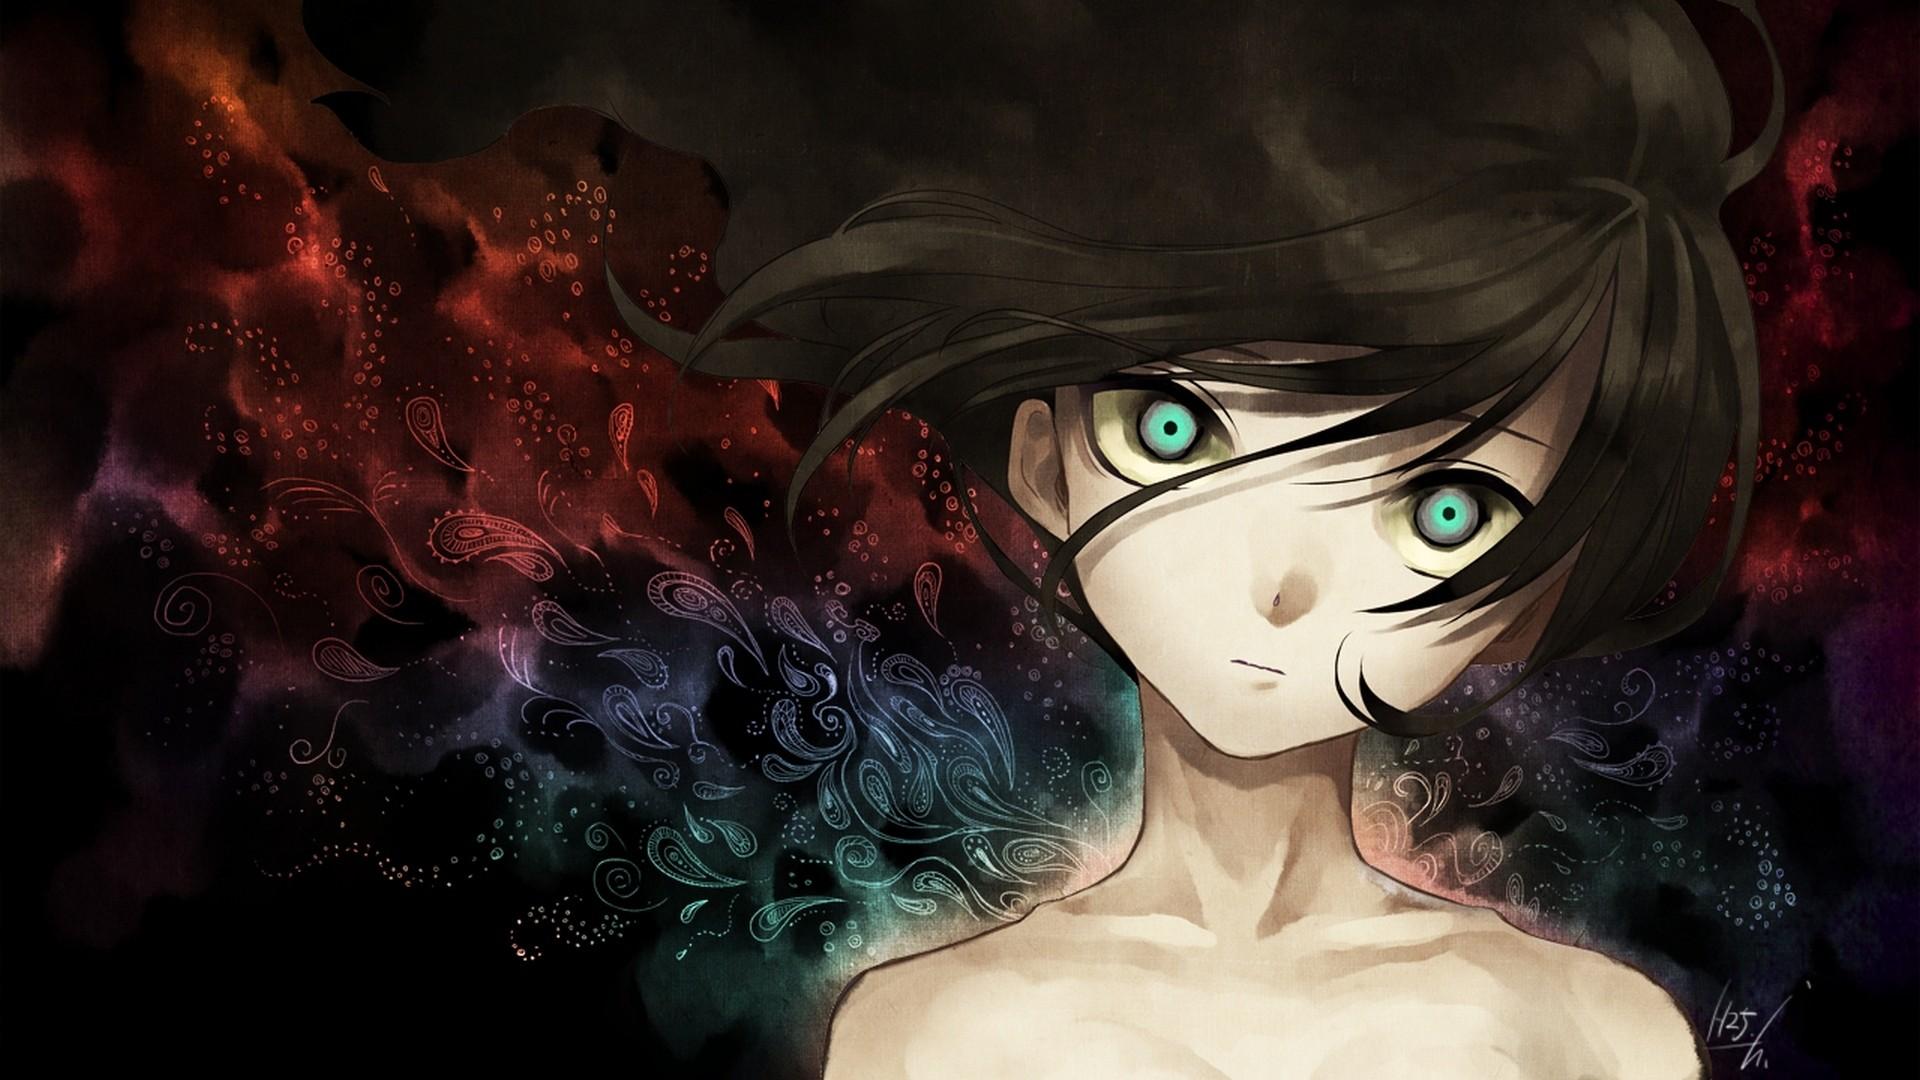 Wallpaper nightcore, anime, girl, face, art